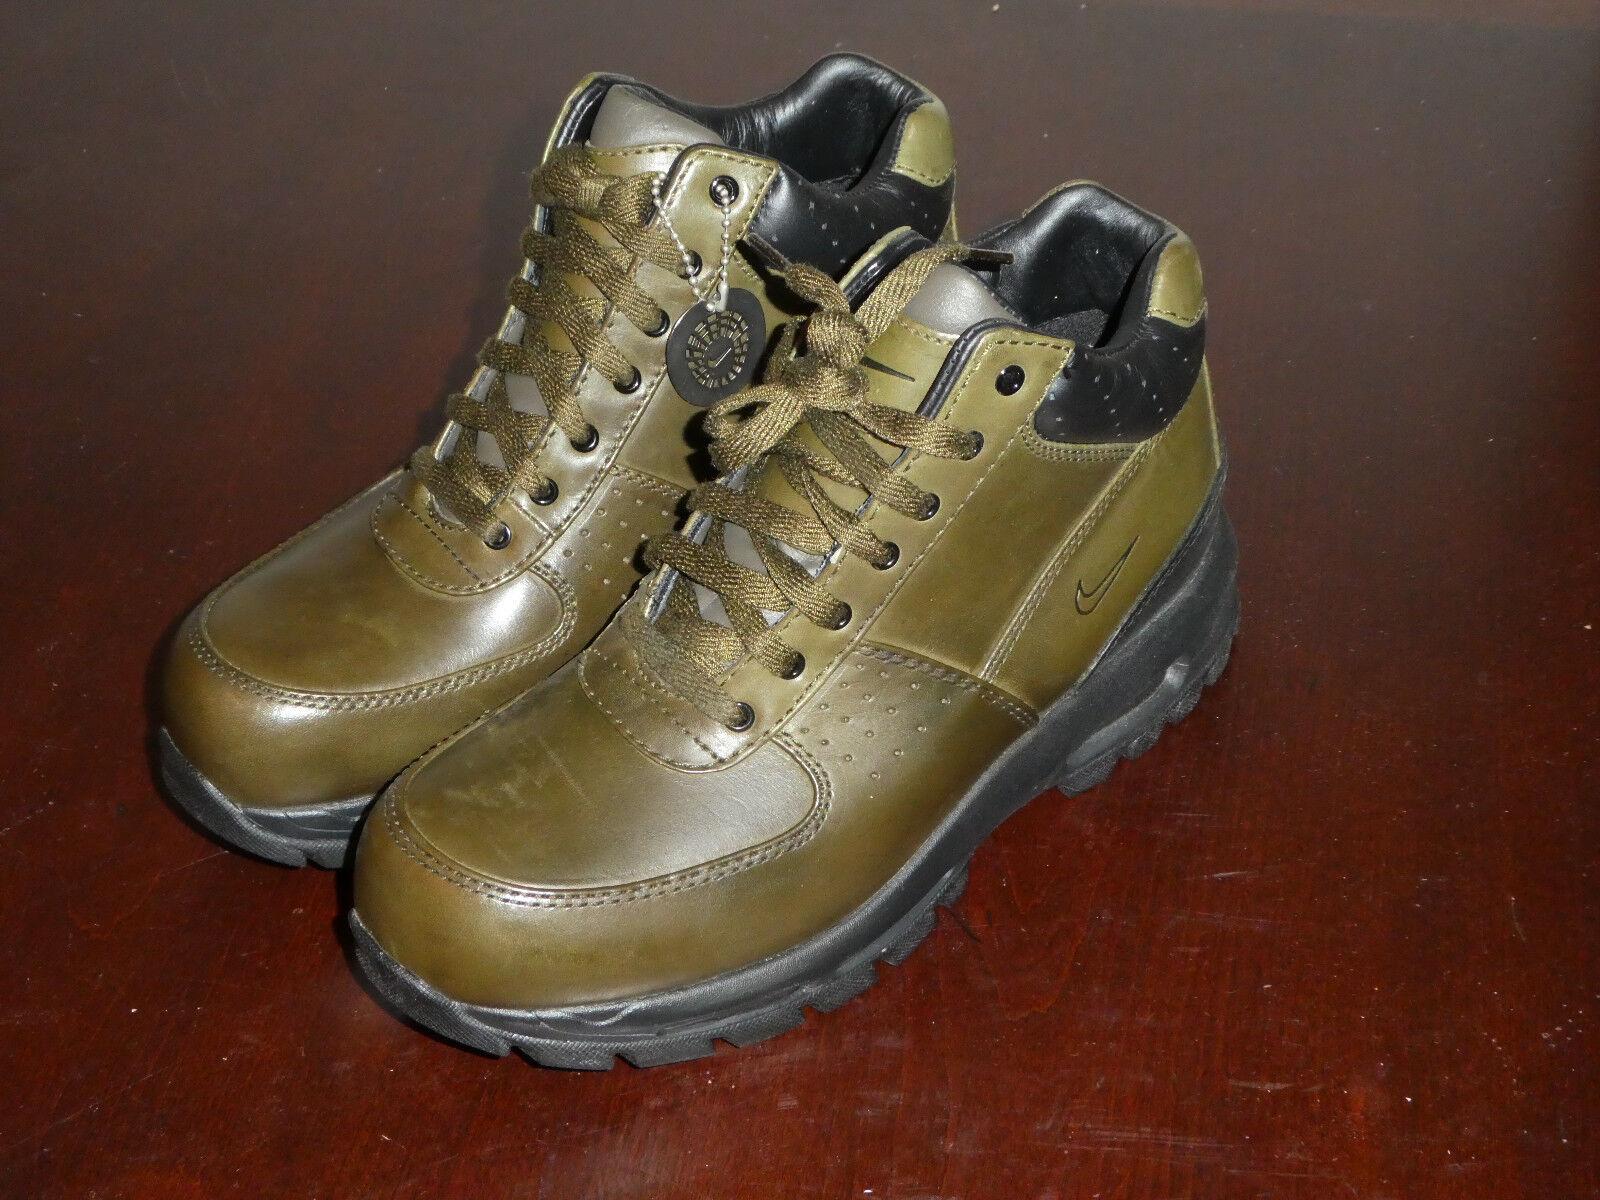 Nike Air Max Goadome mens boots green 865031 300 new